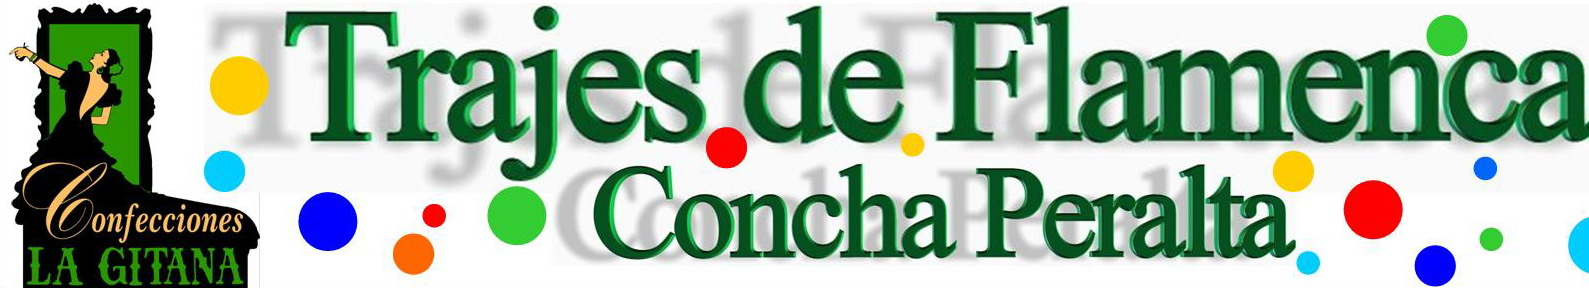 Diseños Concha Peralta